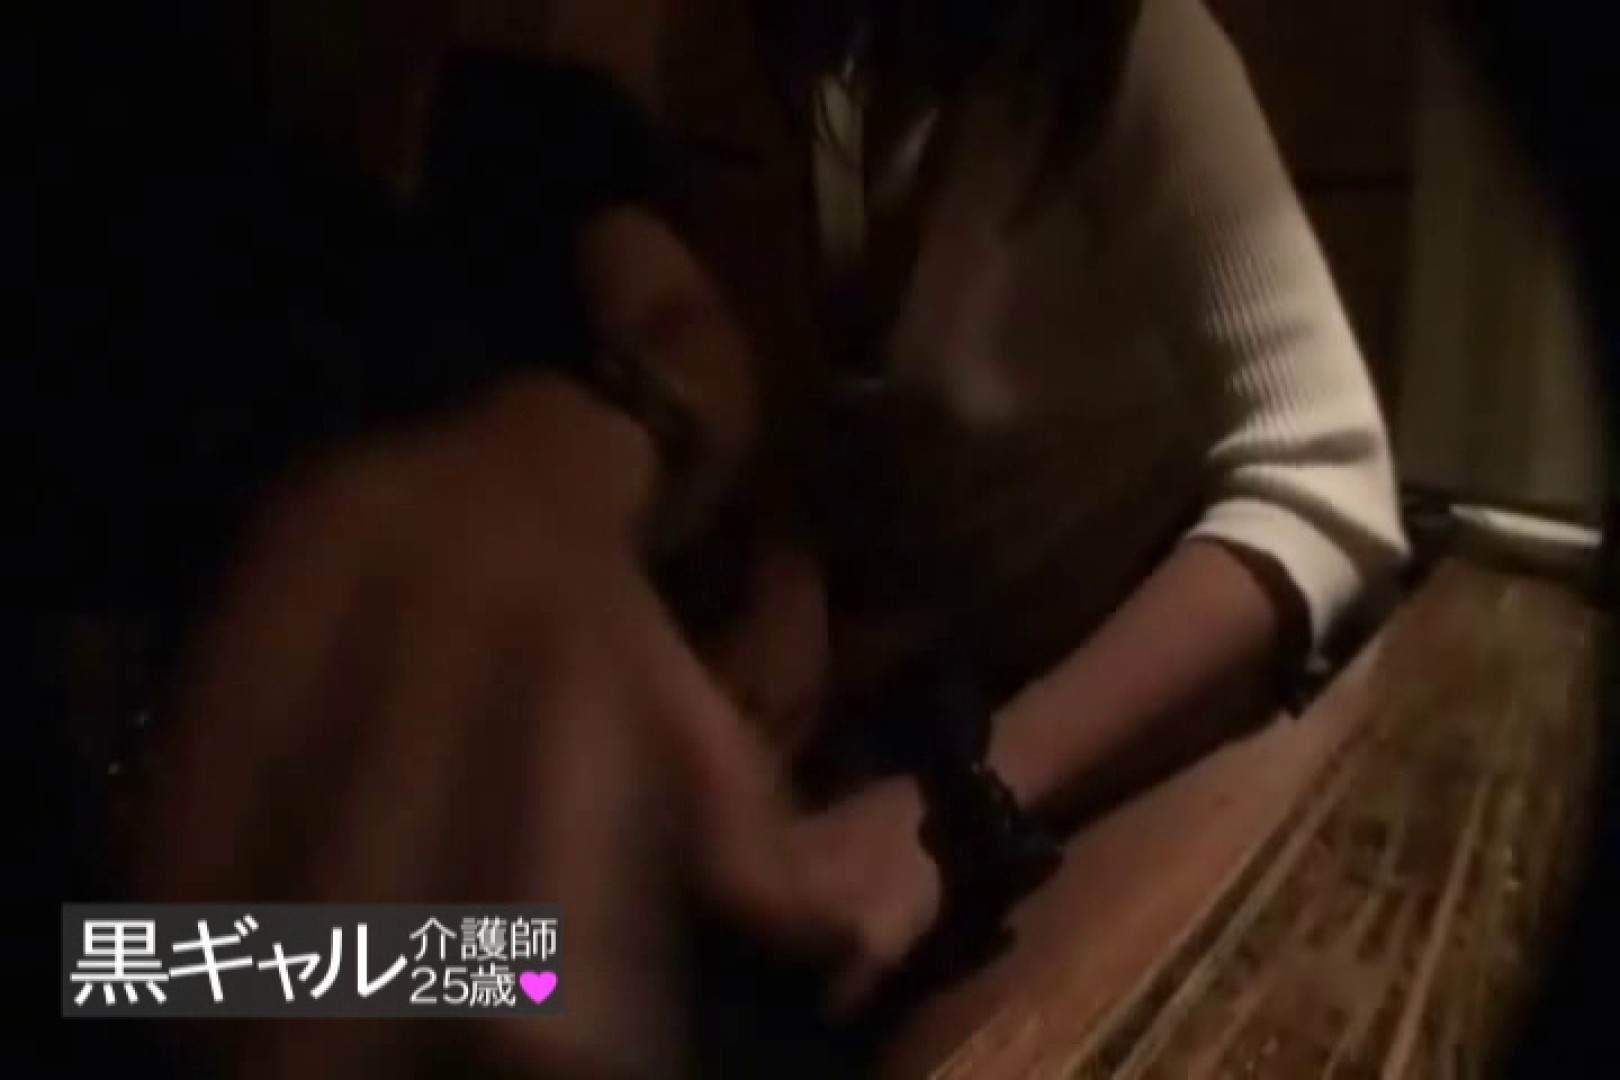 独占入手 従順M黒ギャル介護師25歳vol.3 卑猥   OLのエロ生活  38連発 13